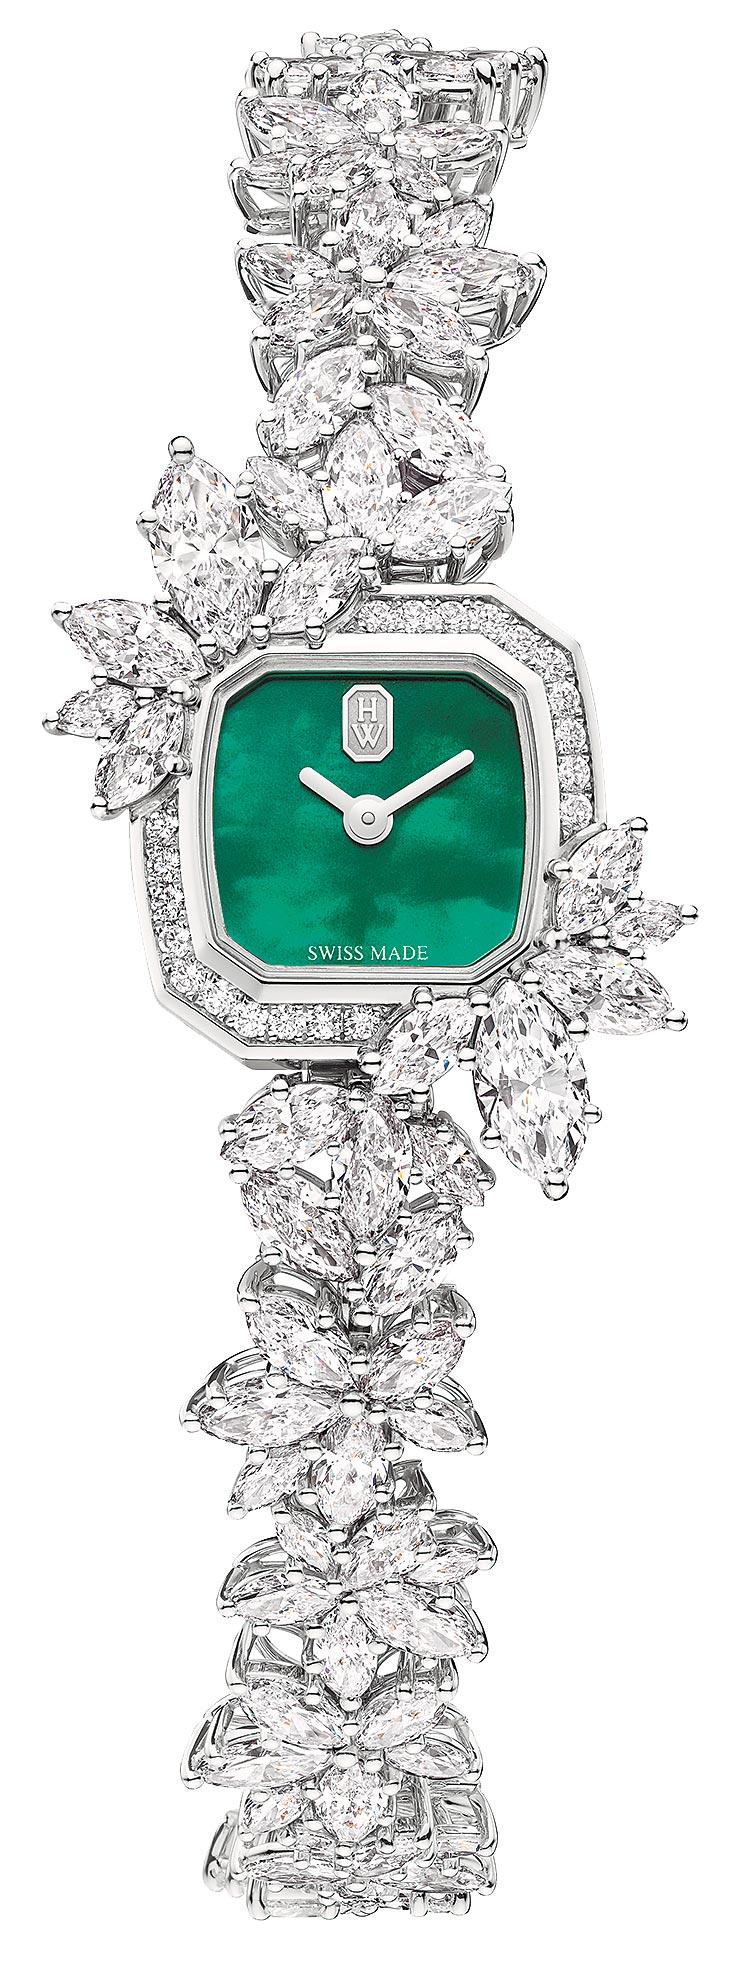 海瑞溫斯頓Precious Emerald鑽表,綠色珍珠母貝表盤,約992萬元。(Harry Winston提供)